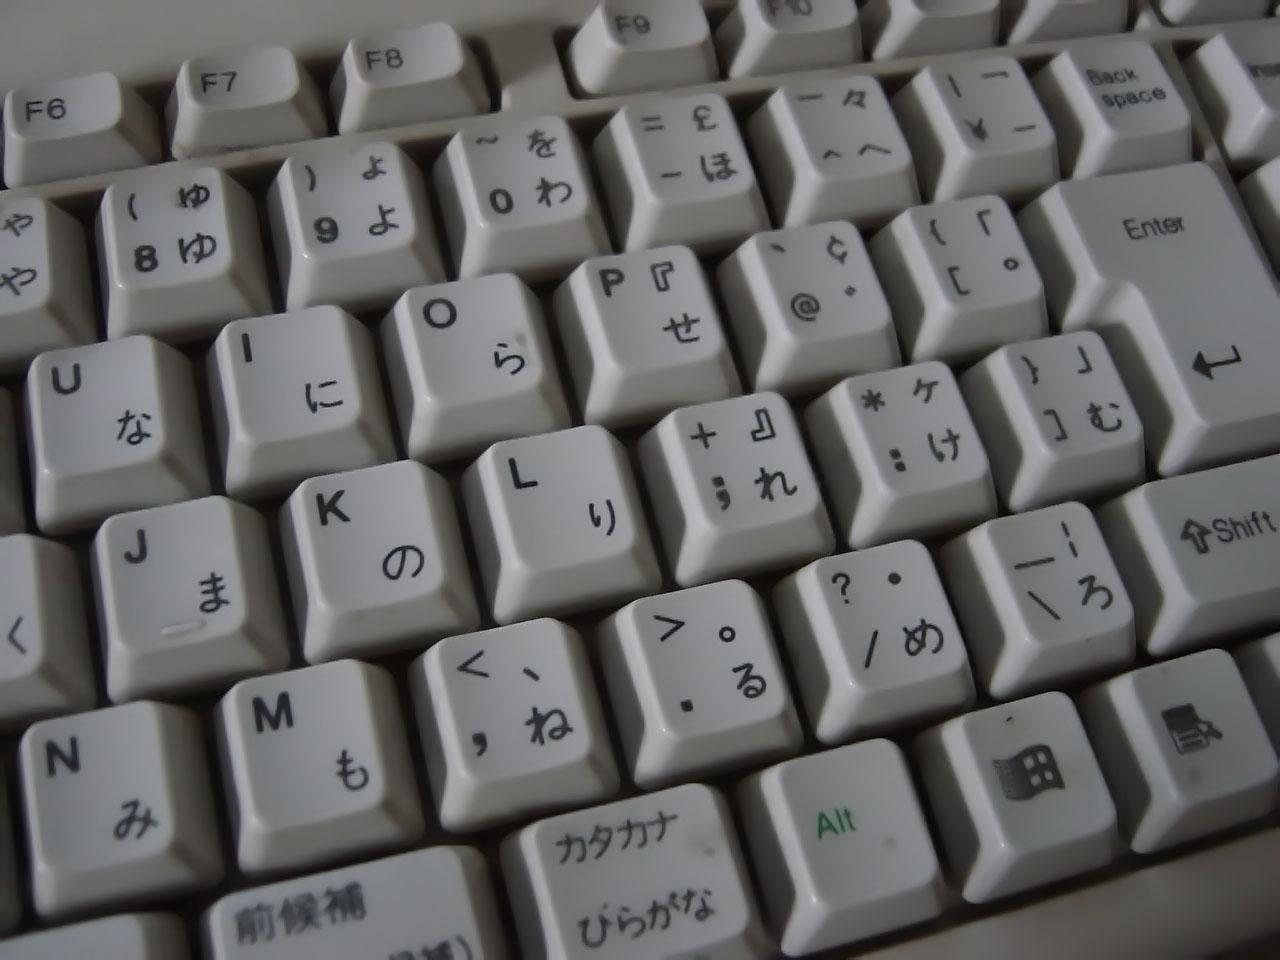 всего, японская клавиатура фото интерьера зала